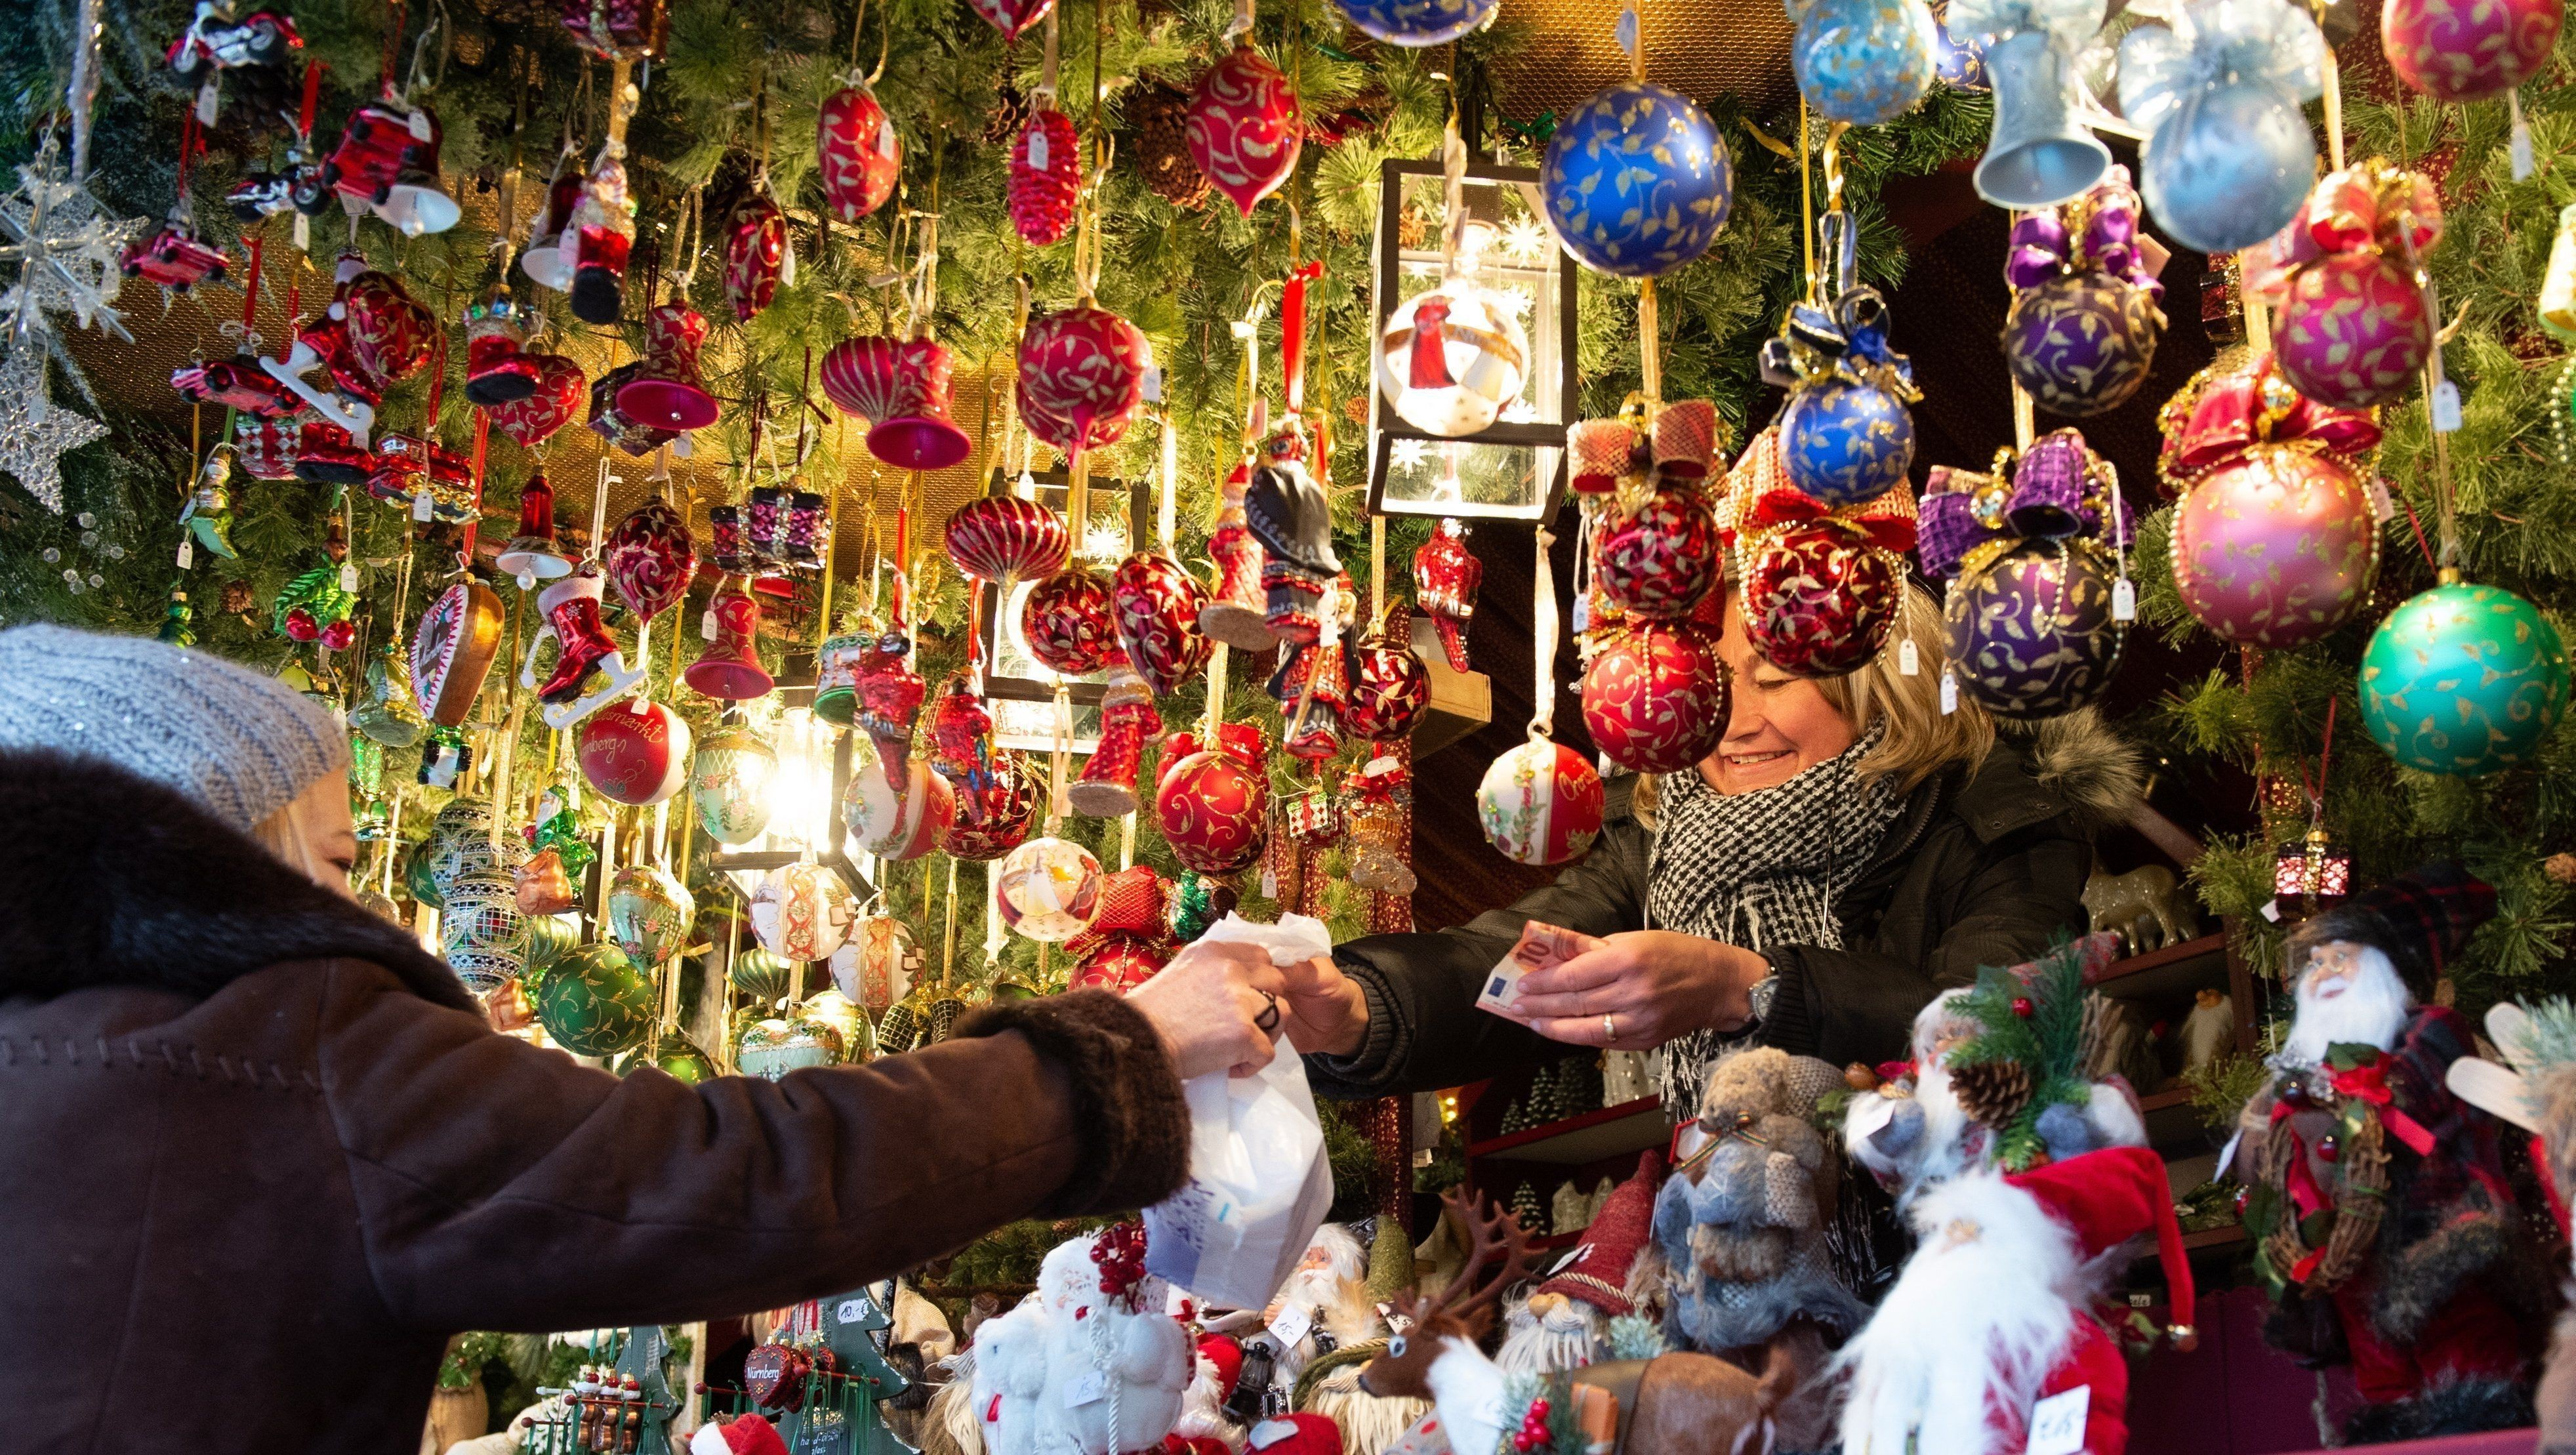 Nógrádban is elkezdte a karácsonyi ellenőrzéseket az adóhivatal